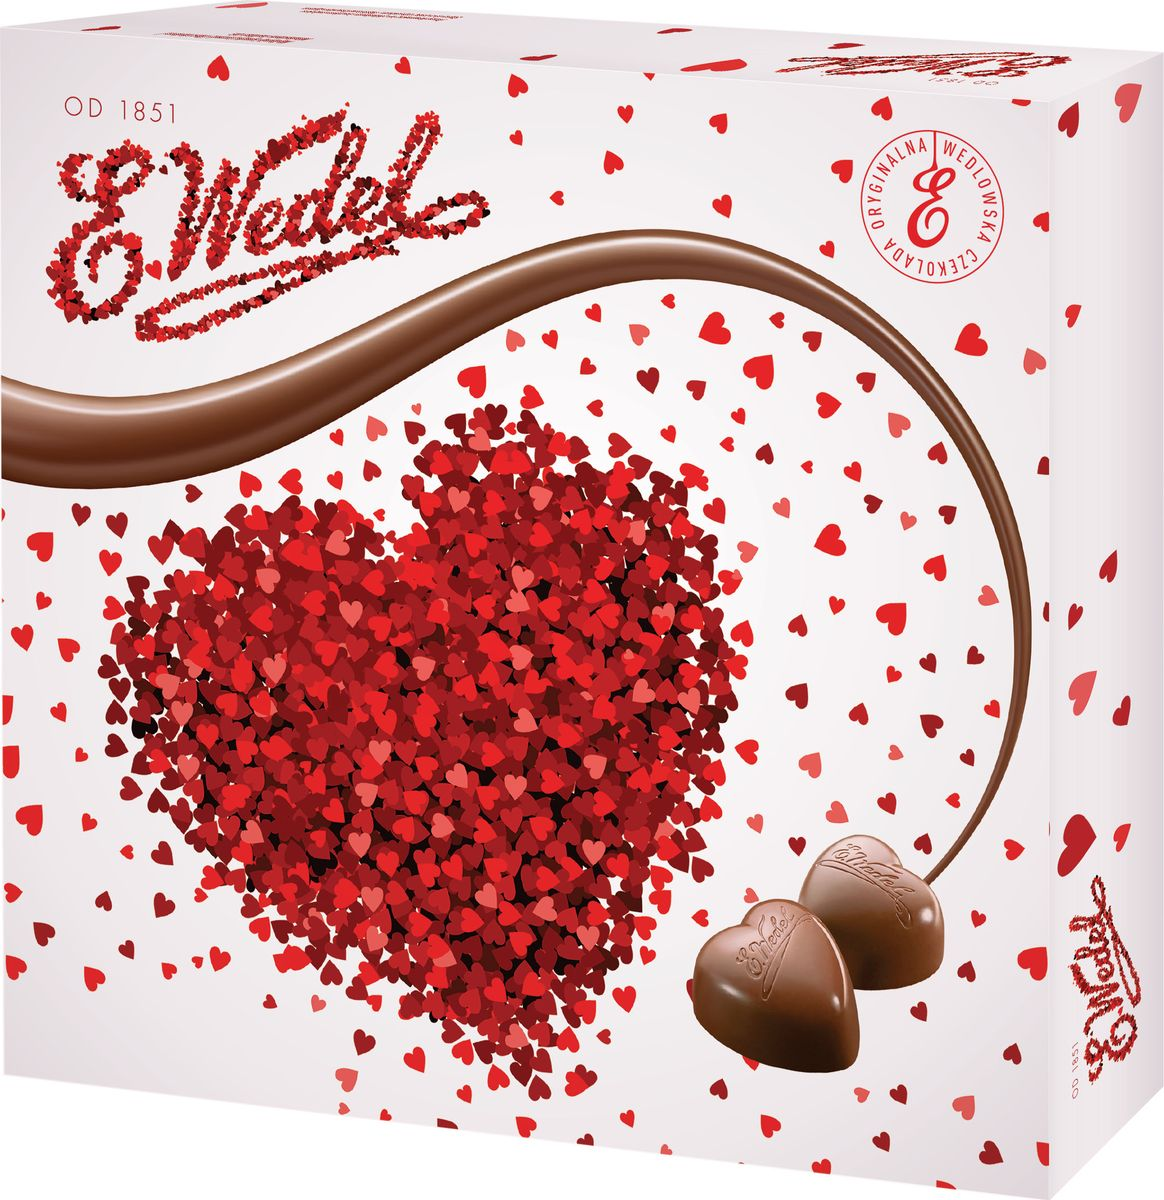 E.Wedel Сердце шоколадные конфеты с двухслойной карамельной начинкой, 117 г7.22.24Шоколадные конфеты выполнены в виде оригинальных сердечек и отличаются сочетанием разных видов начинок, специально подобранных друг к другу, гармонично сочетающихся и дополняющих друг друга.